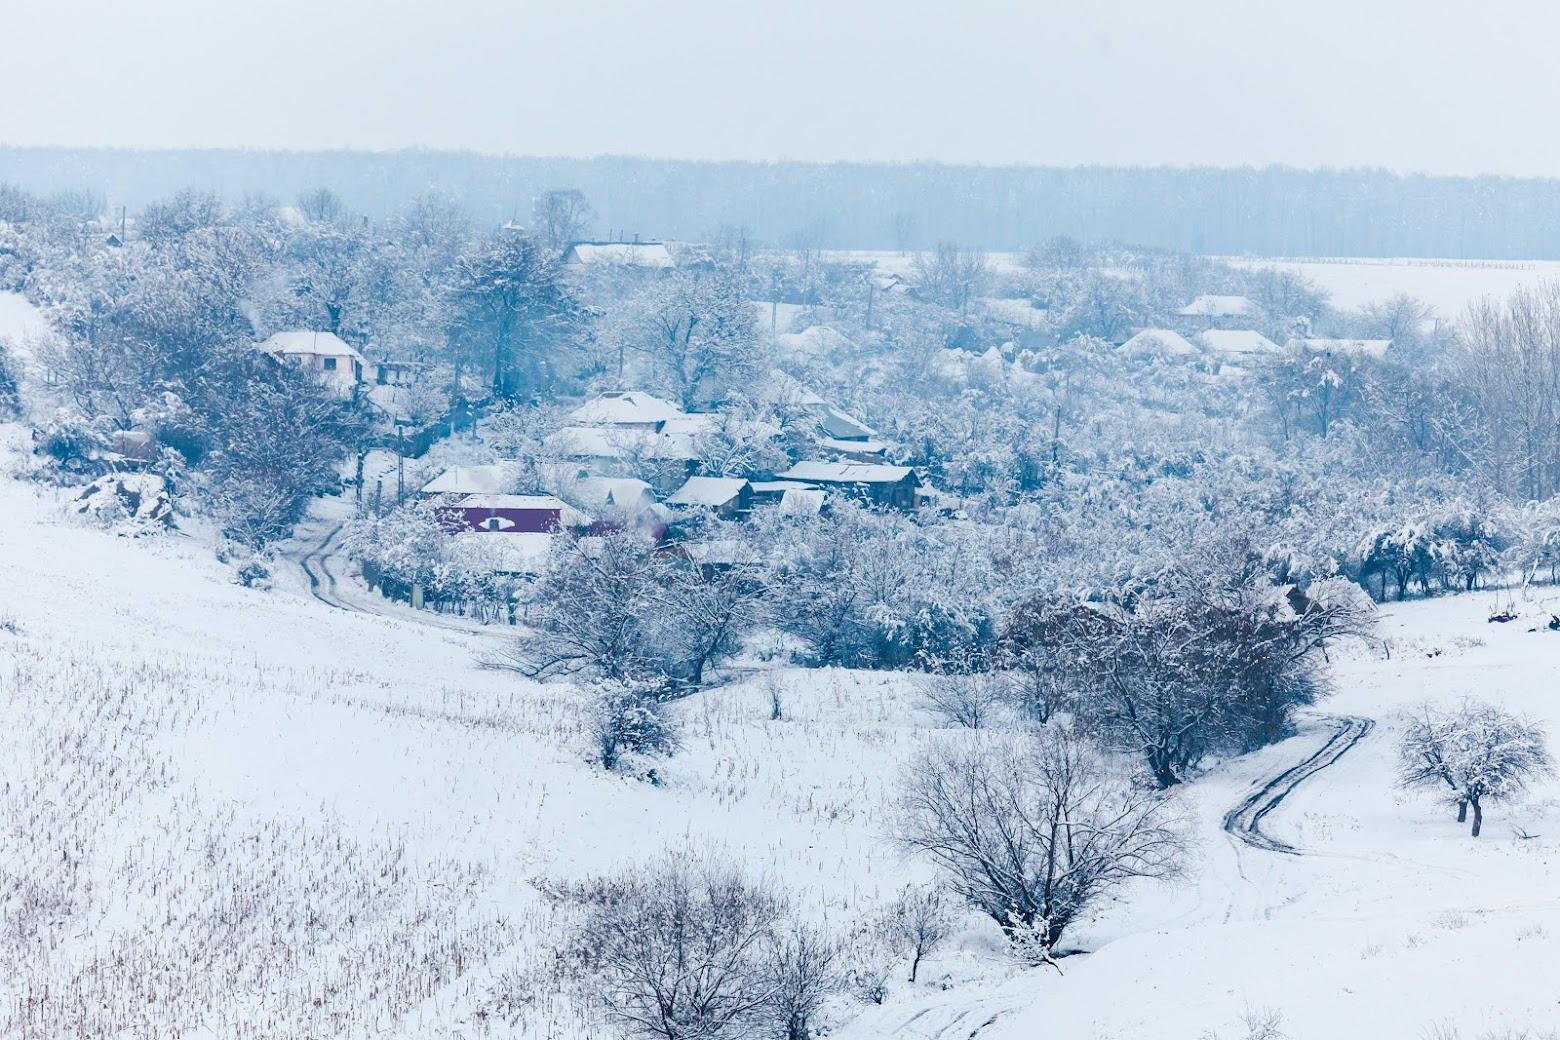 Iarnă în Oltenia profundă